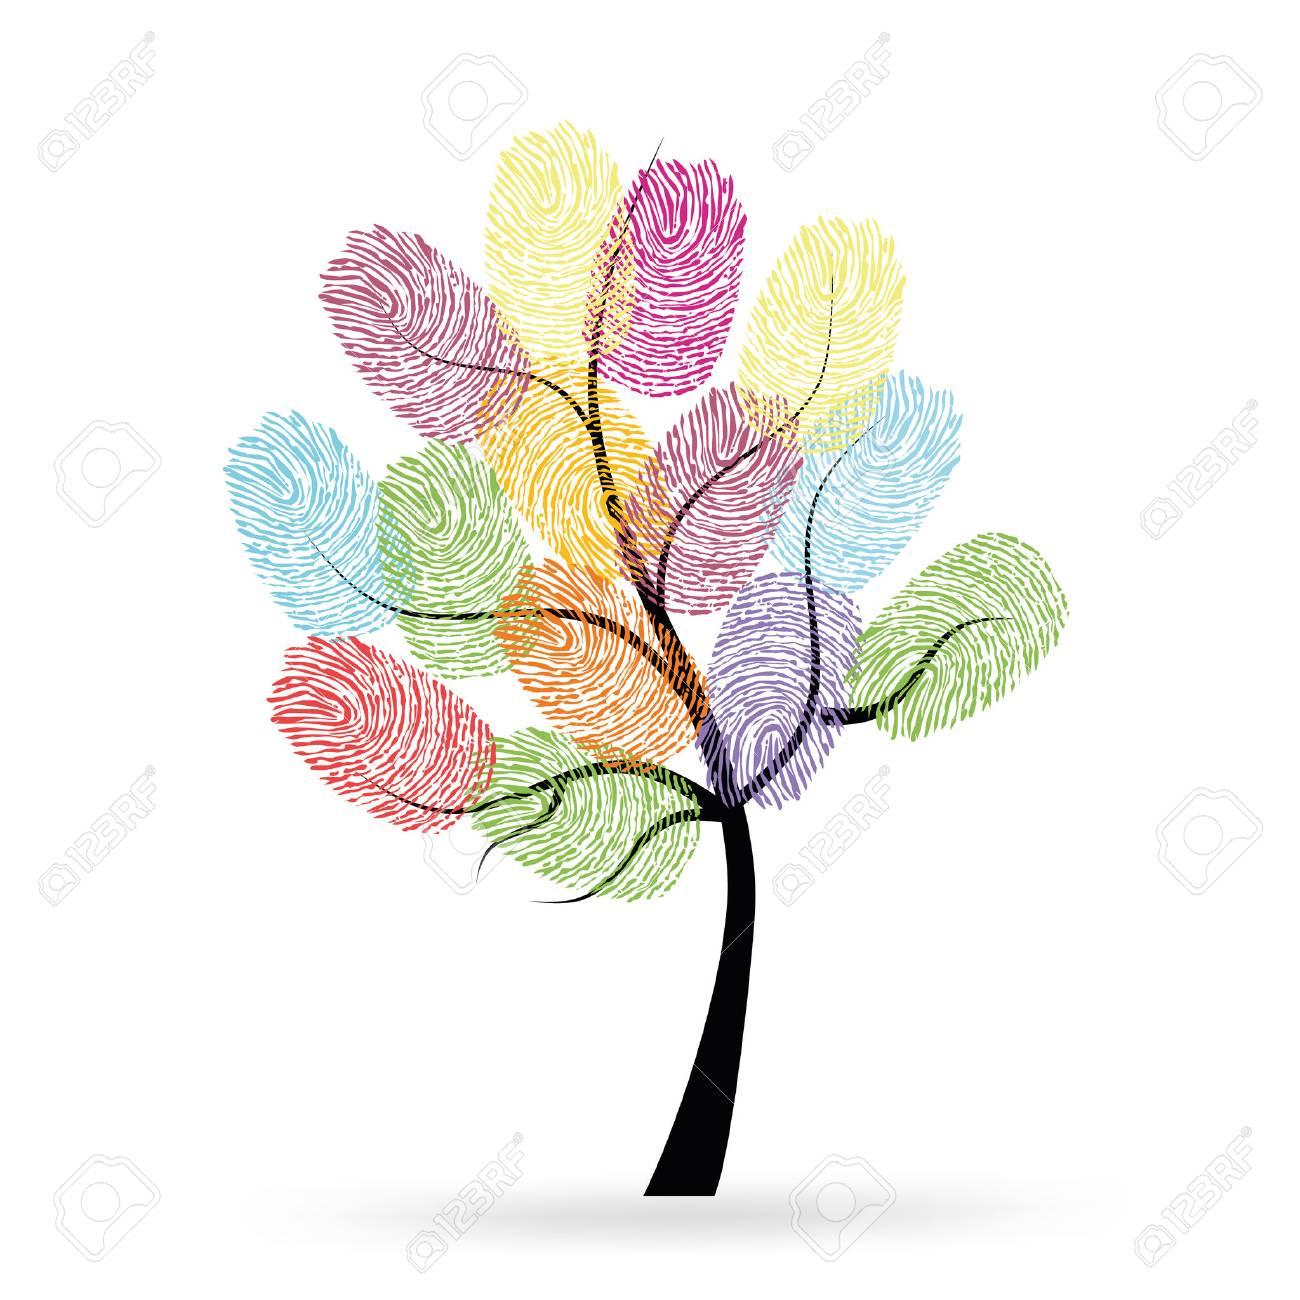 Baum Mit Bunten Fingerabdrucken Lizenzfrei Nutzbare Vektorgrafiken